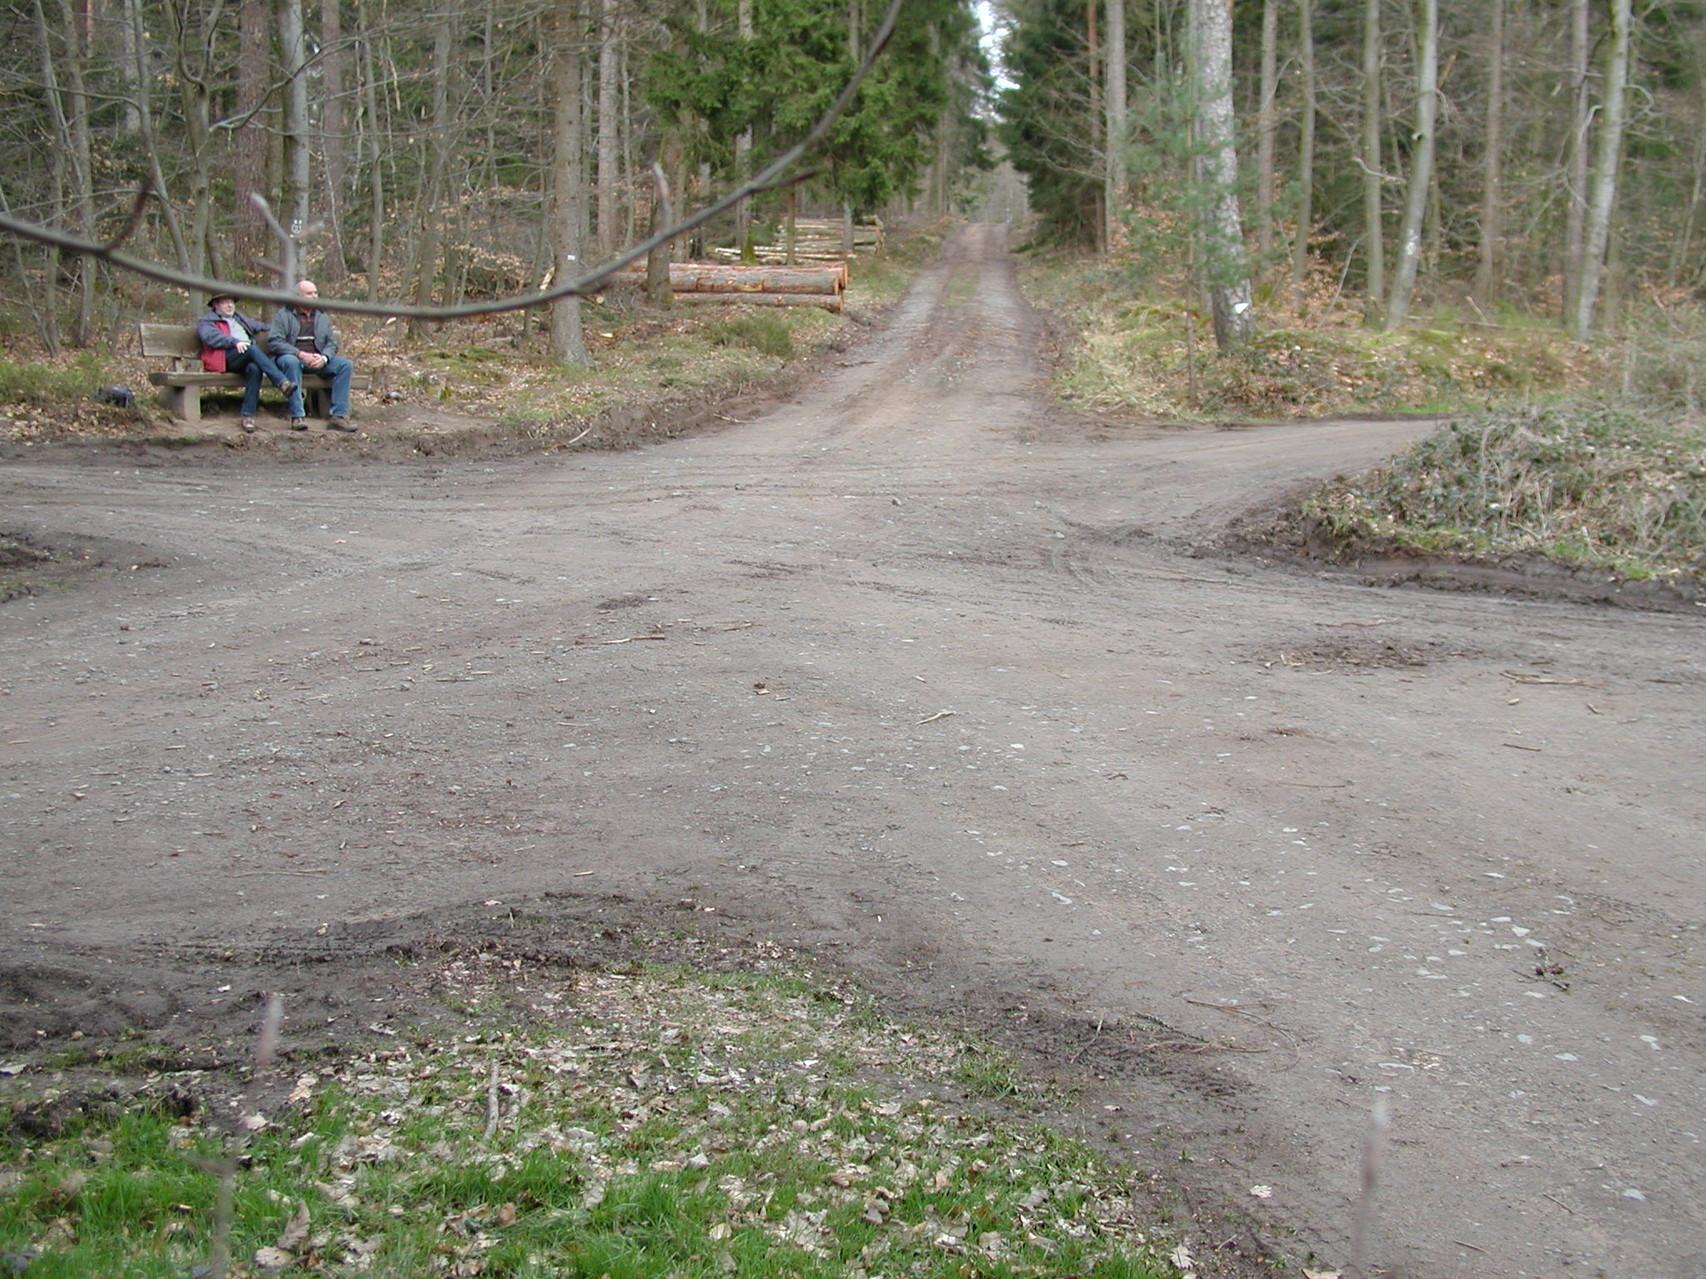 Wanderung zum Sophienhof Raibreitenbach am 23.03.14 -viele Wege führen nach ... überallhin :-)